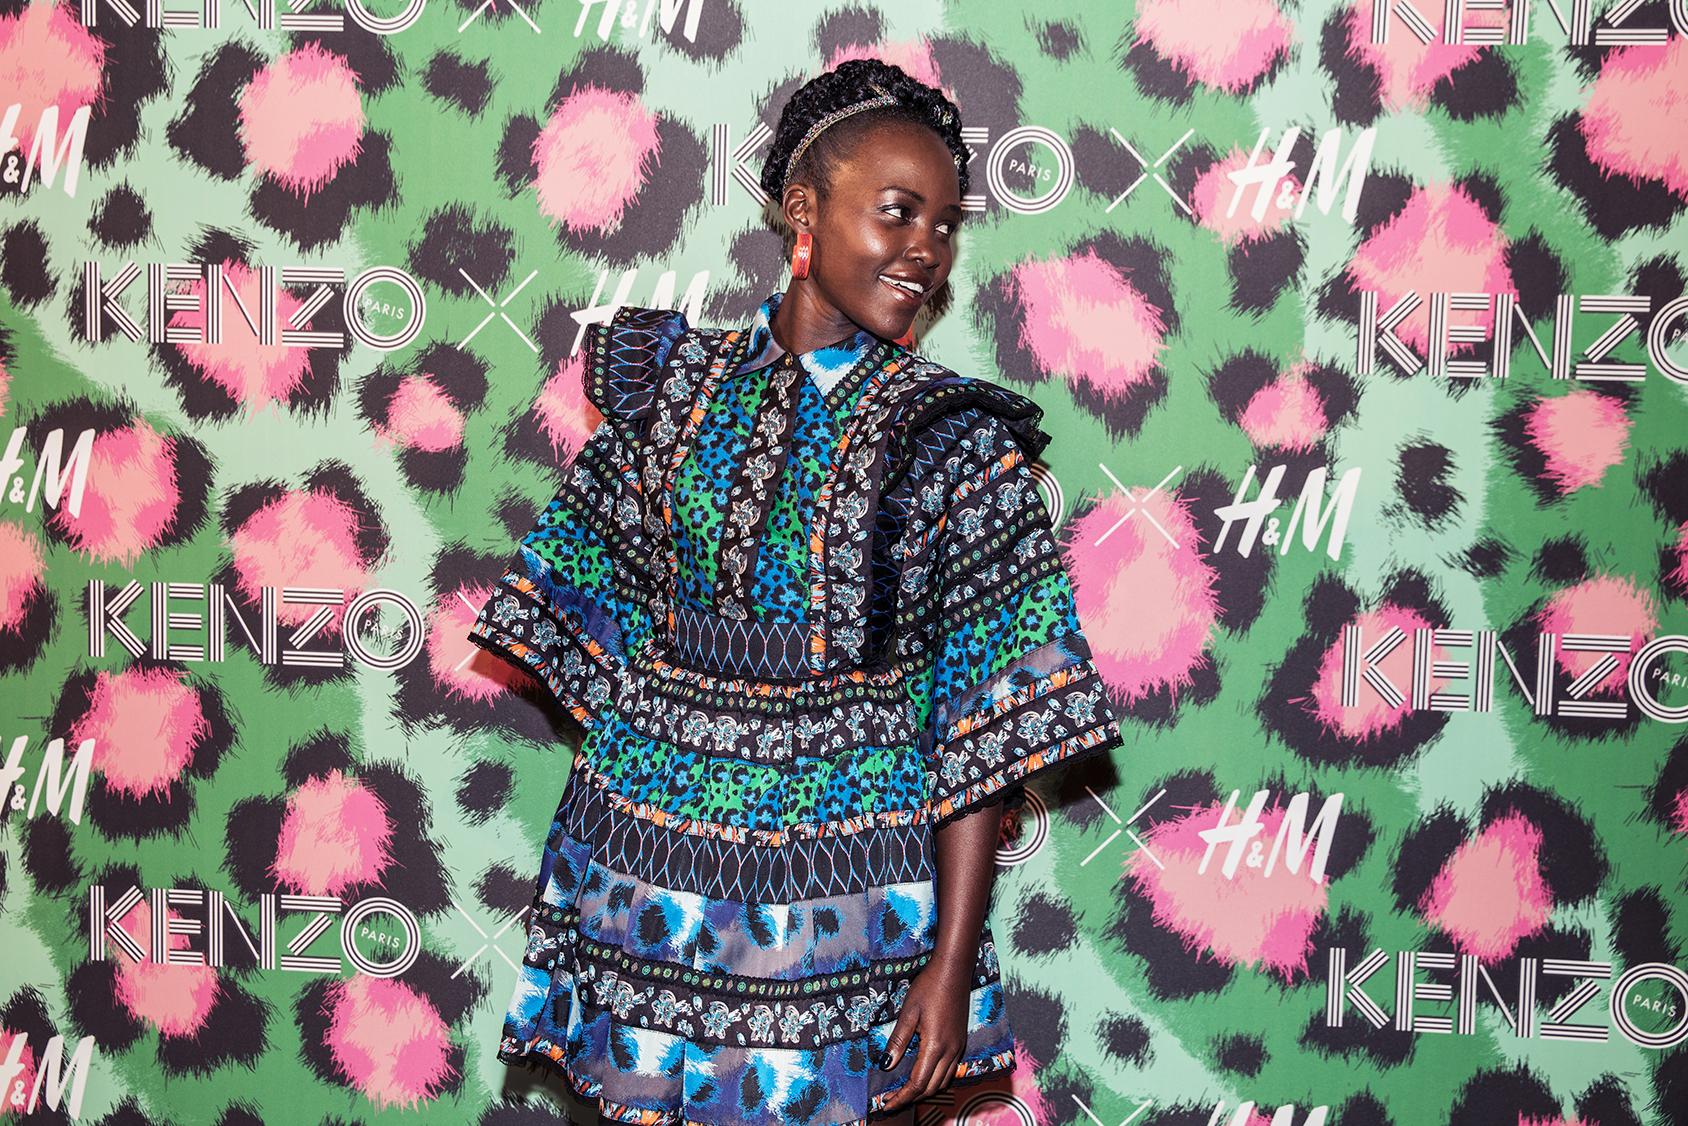 La actriz superestrella Lupita Nyong'o se puso uno de los vestidos con carácter de la colección Kenzo x H&M.